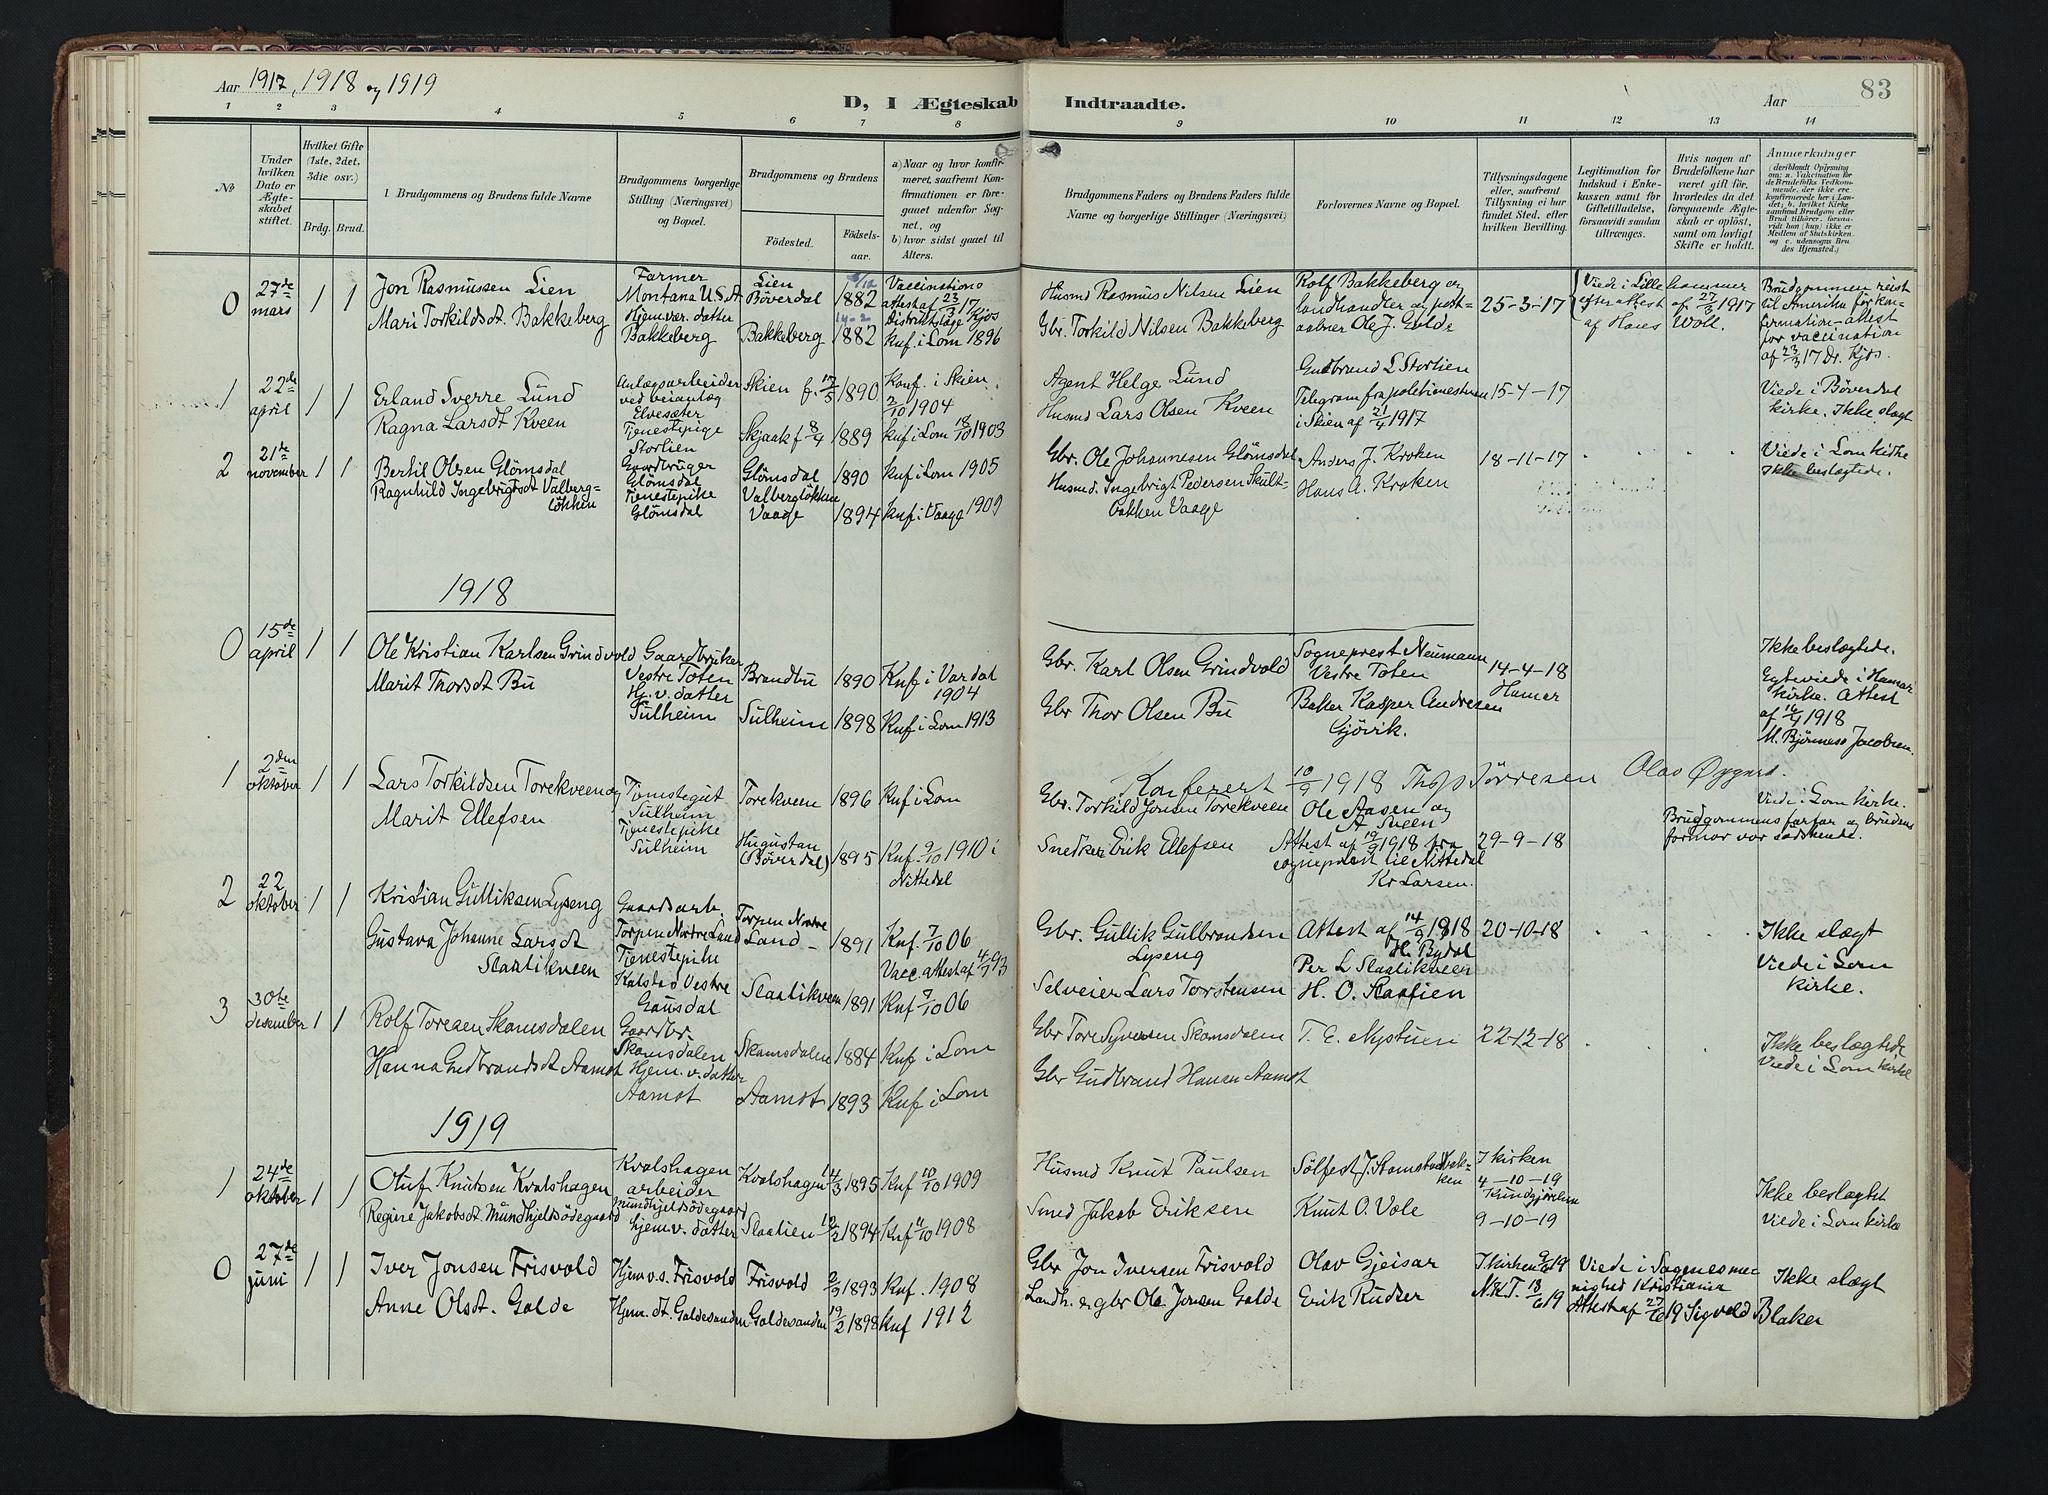 SAH, Lom prestekontor, K/L0012: Ministerialbok nr. 12, 1904-1928, s. 83